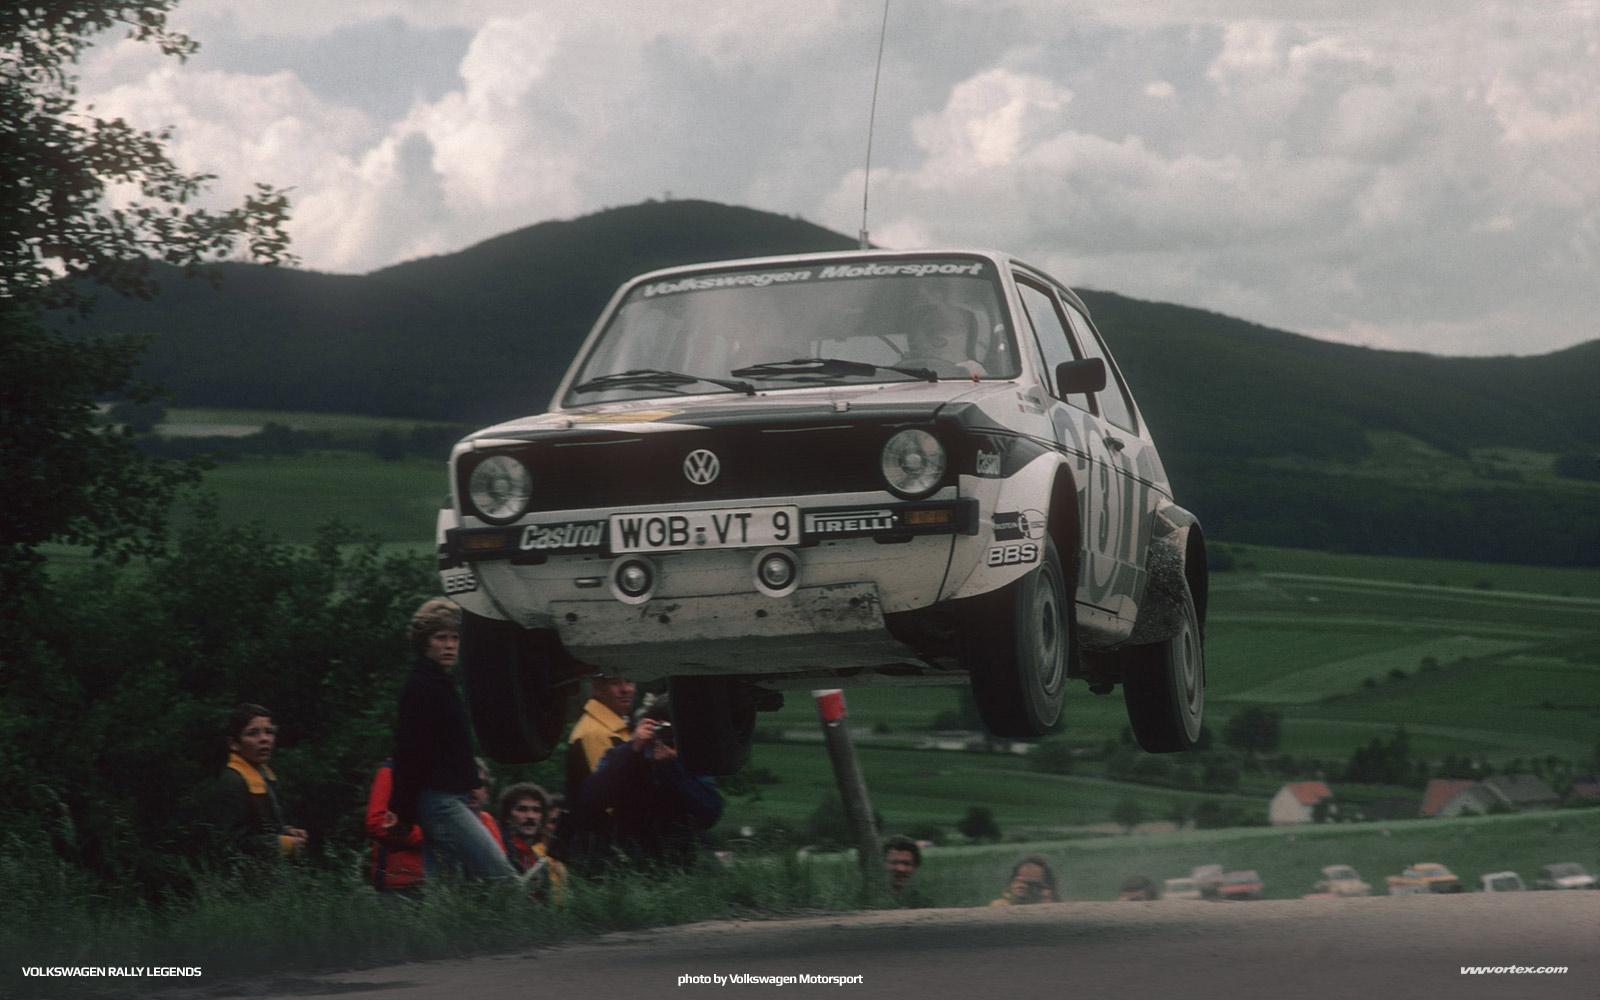 volkswagen-rally-legends-406